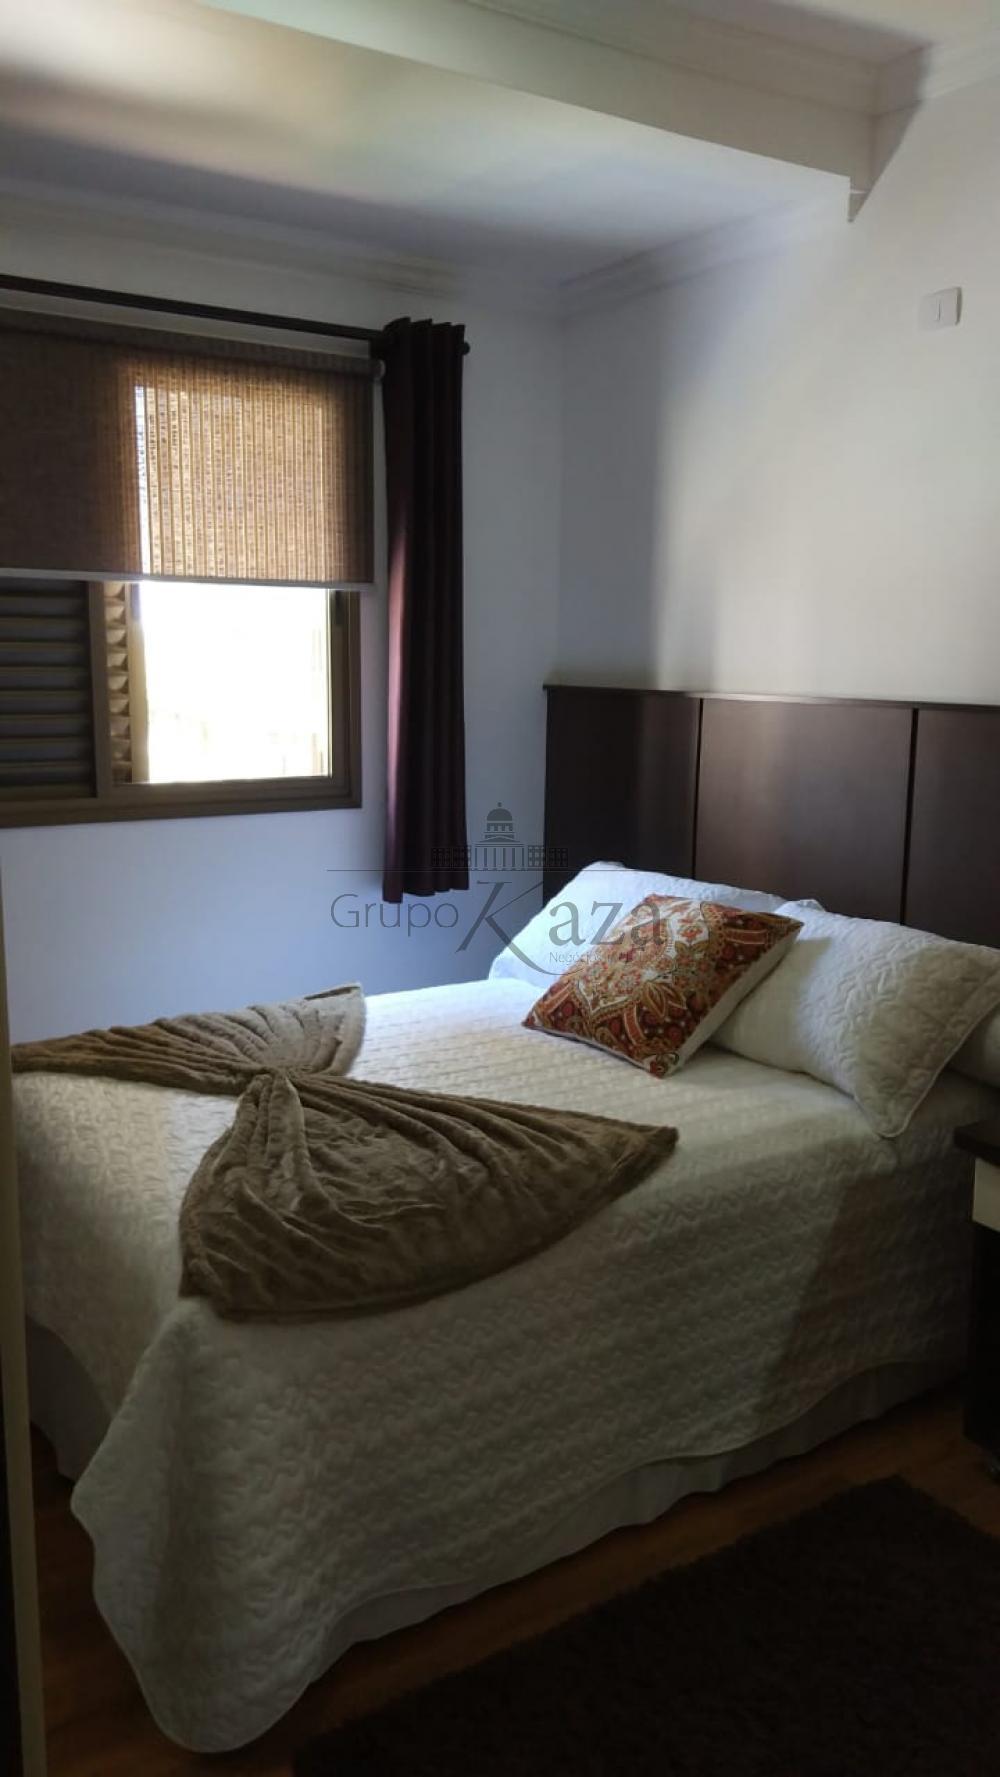 Comprar Apartamento / Padrão em São José dos Campos apenas R$ 1.500.000,00 - Foto 84